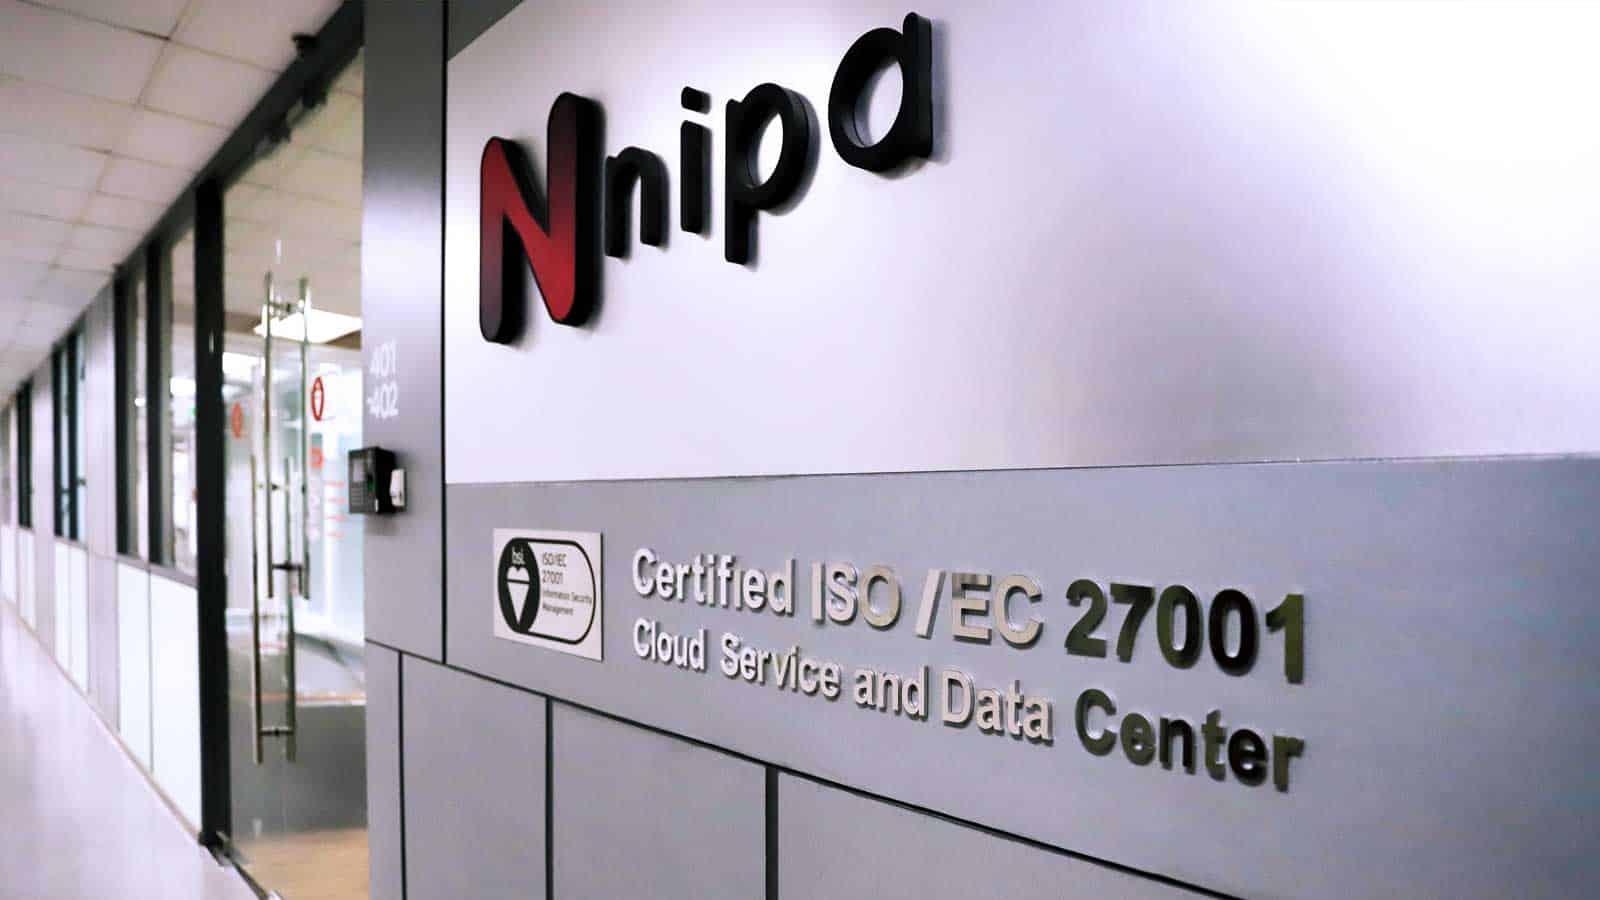 Nipa ผู้ให้บริการ cloud อันดับ 1 ในไทย